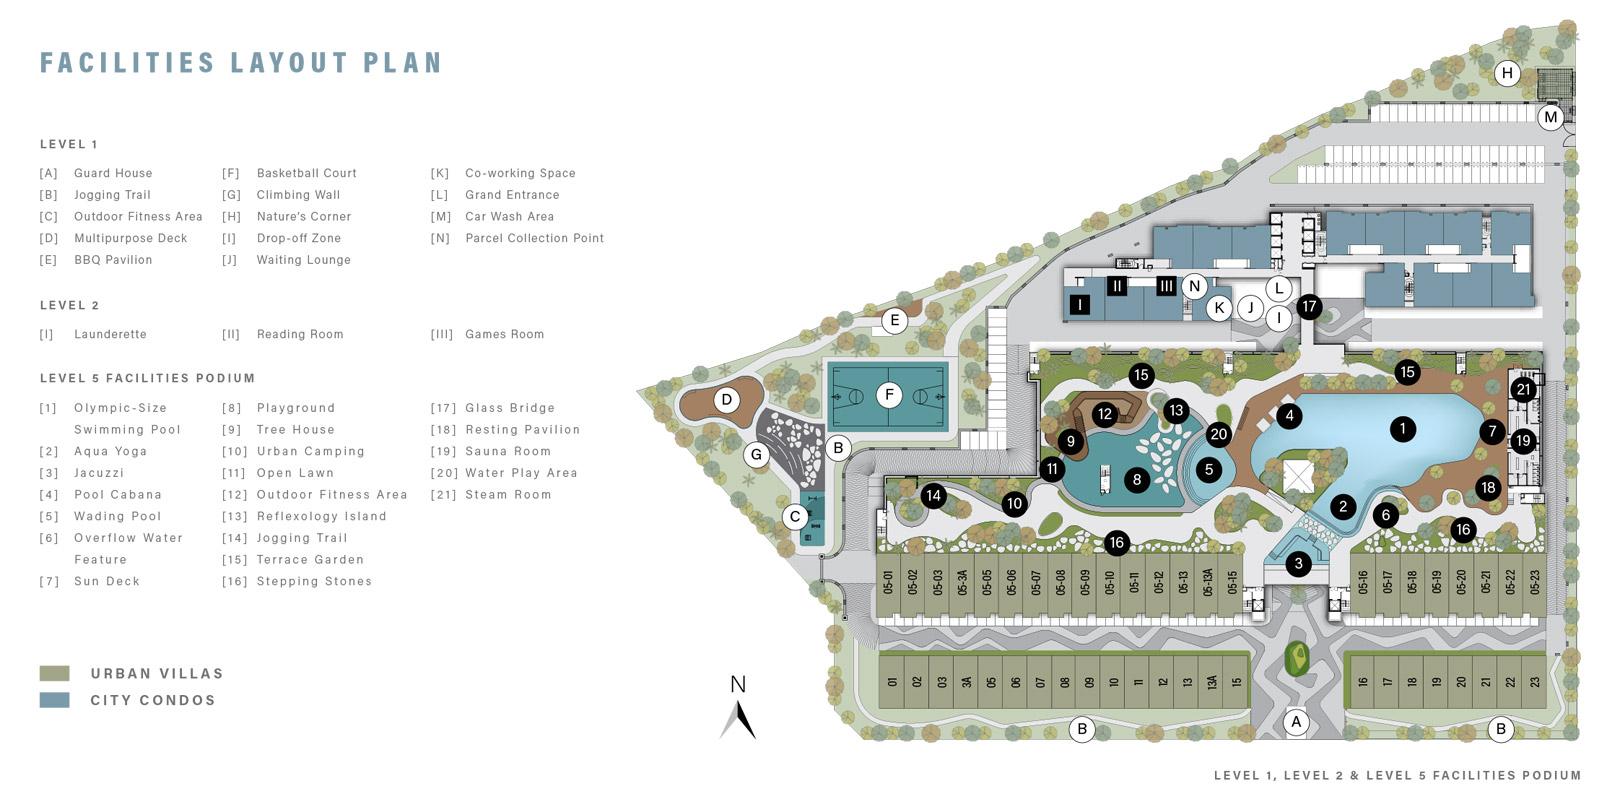 dBrightton Facilities Layout Plan